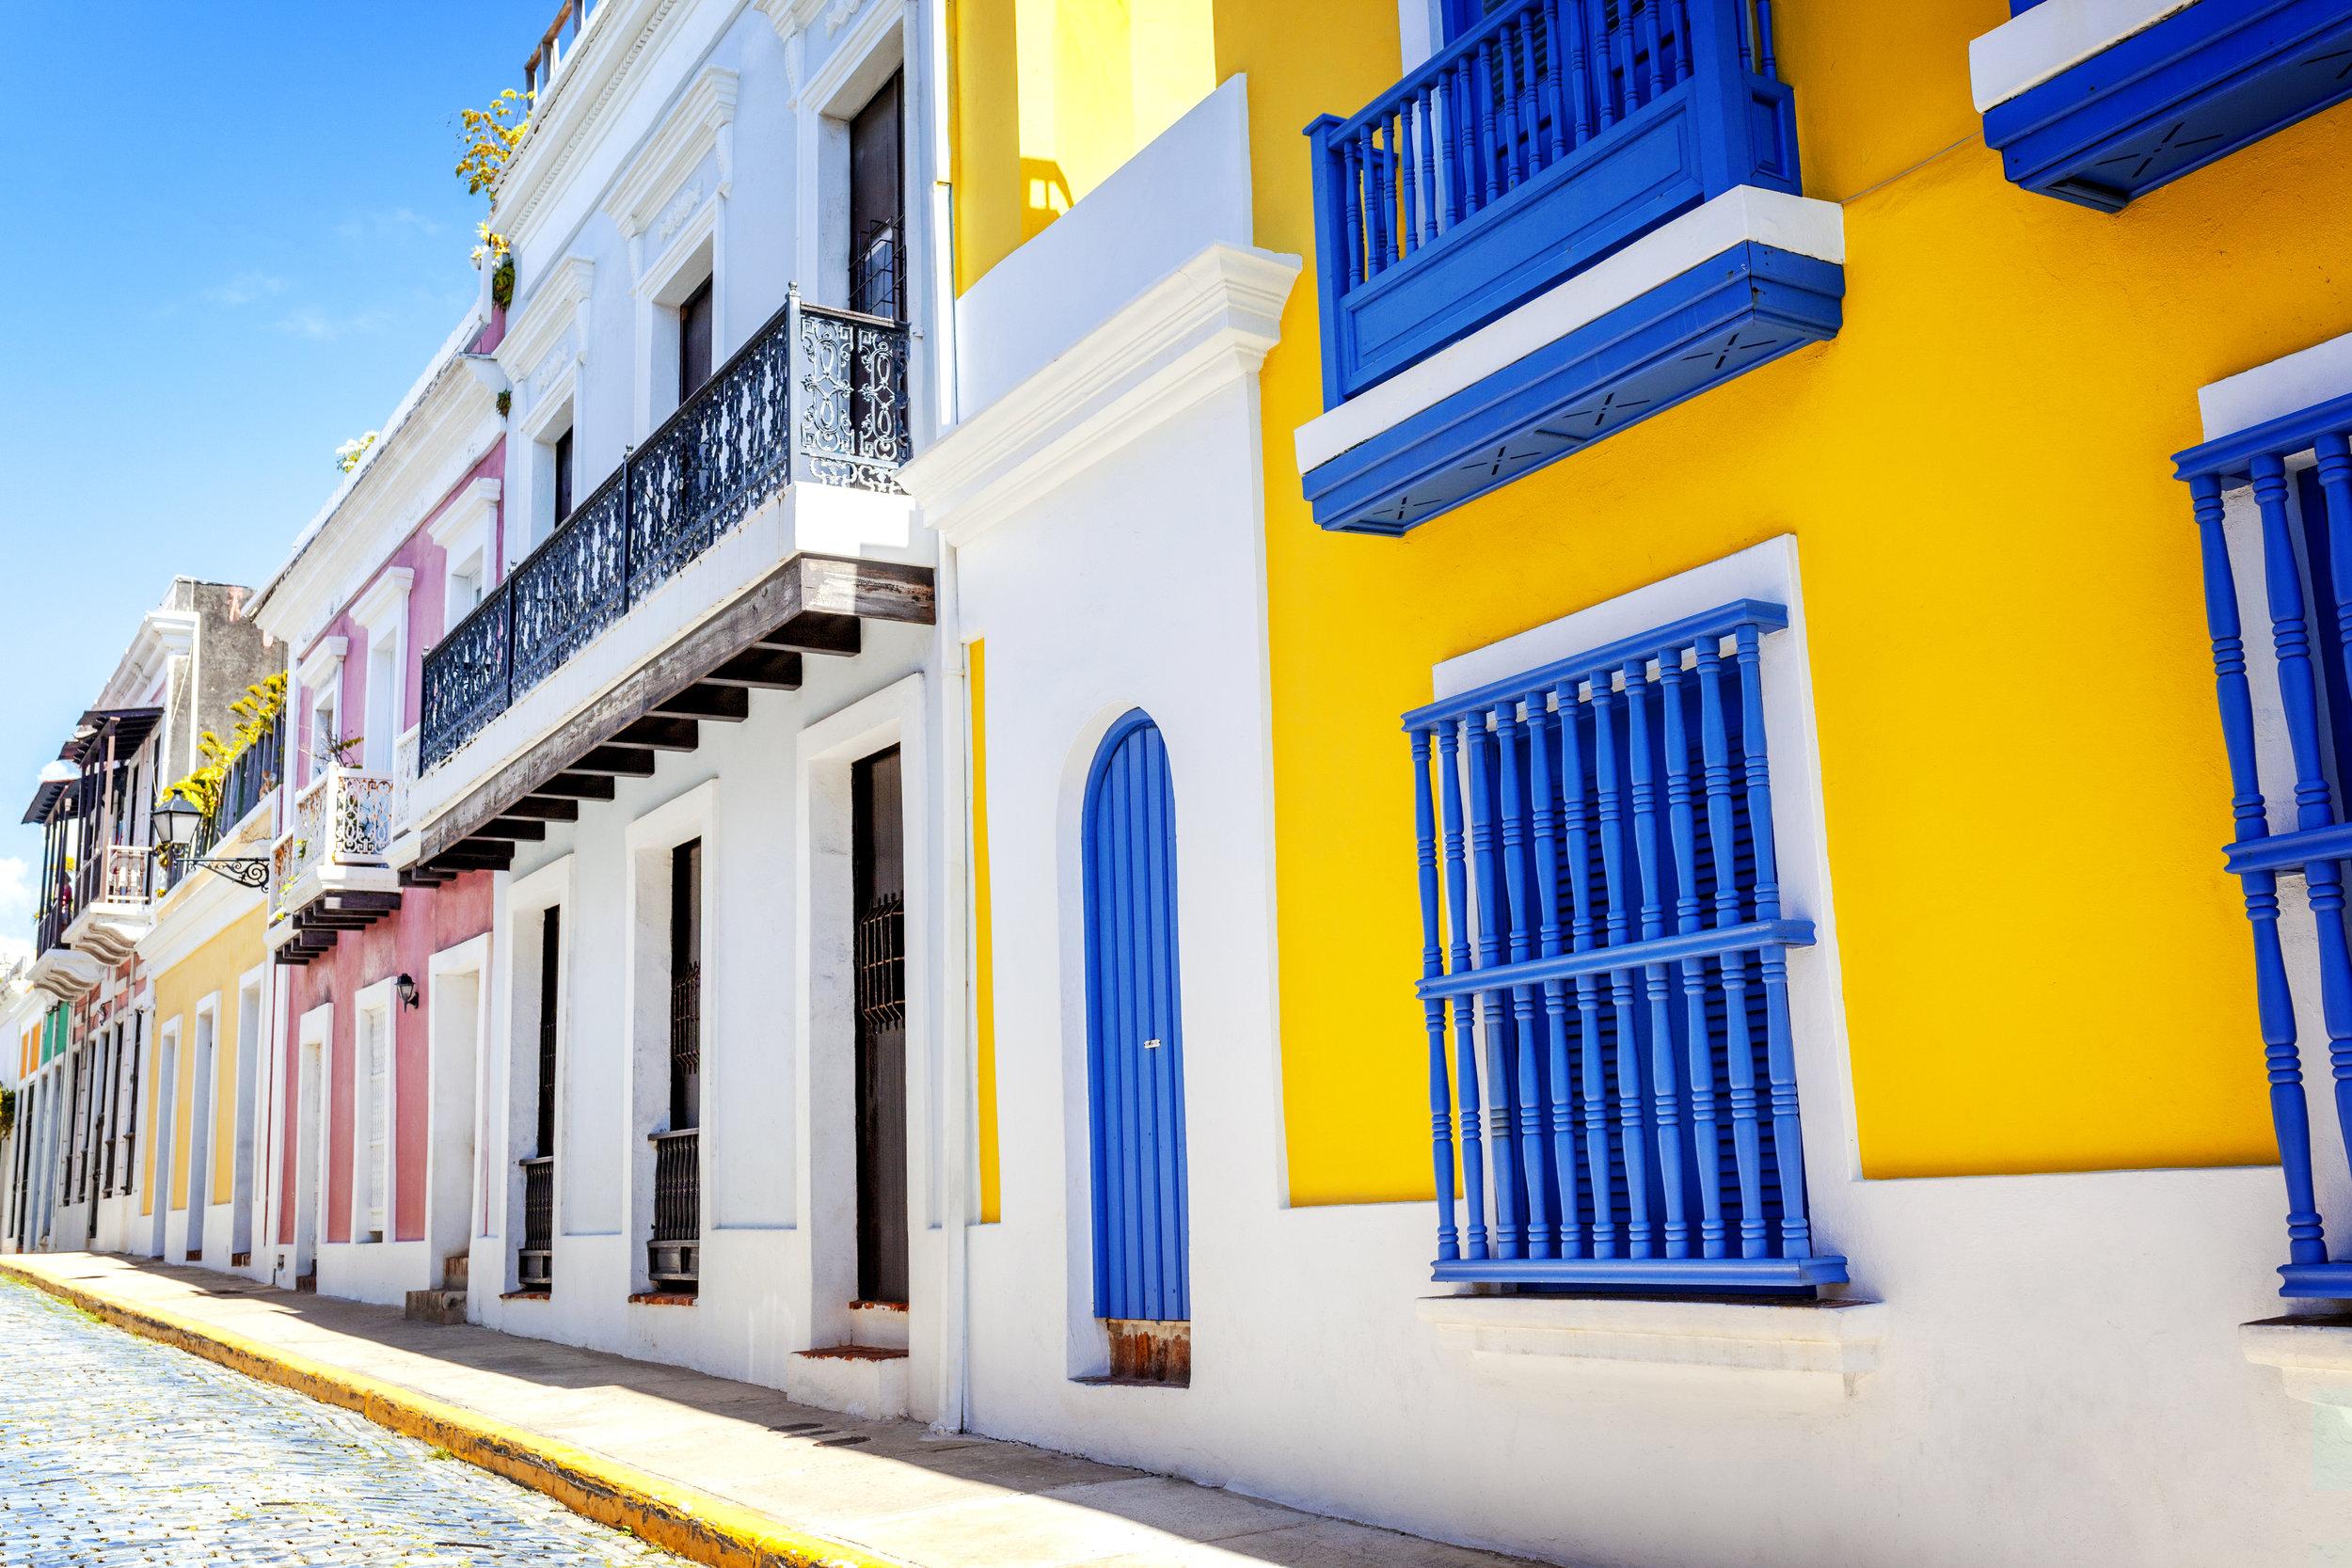 Houses in San Juan, PR